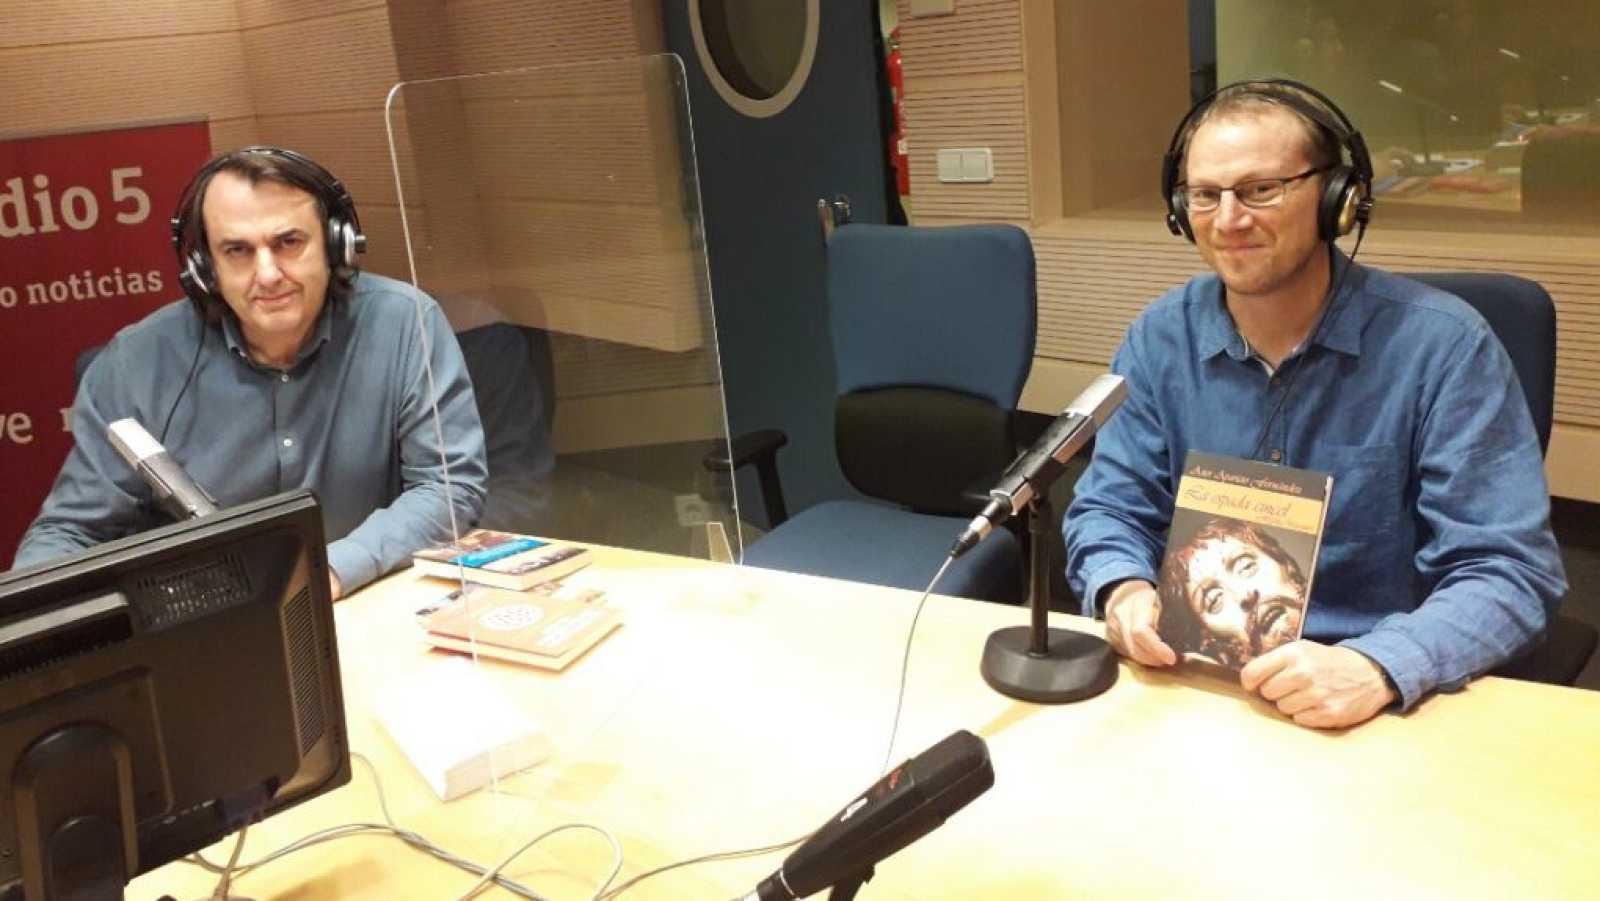 Sexto continente - Literatura desde Castilla para el mundo; la escritura en español se da cita en Valladolid - 03/10/20 - Escuchar ahora